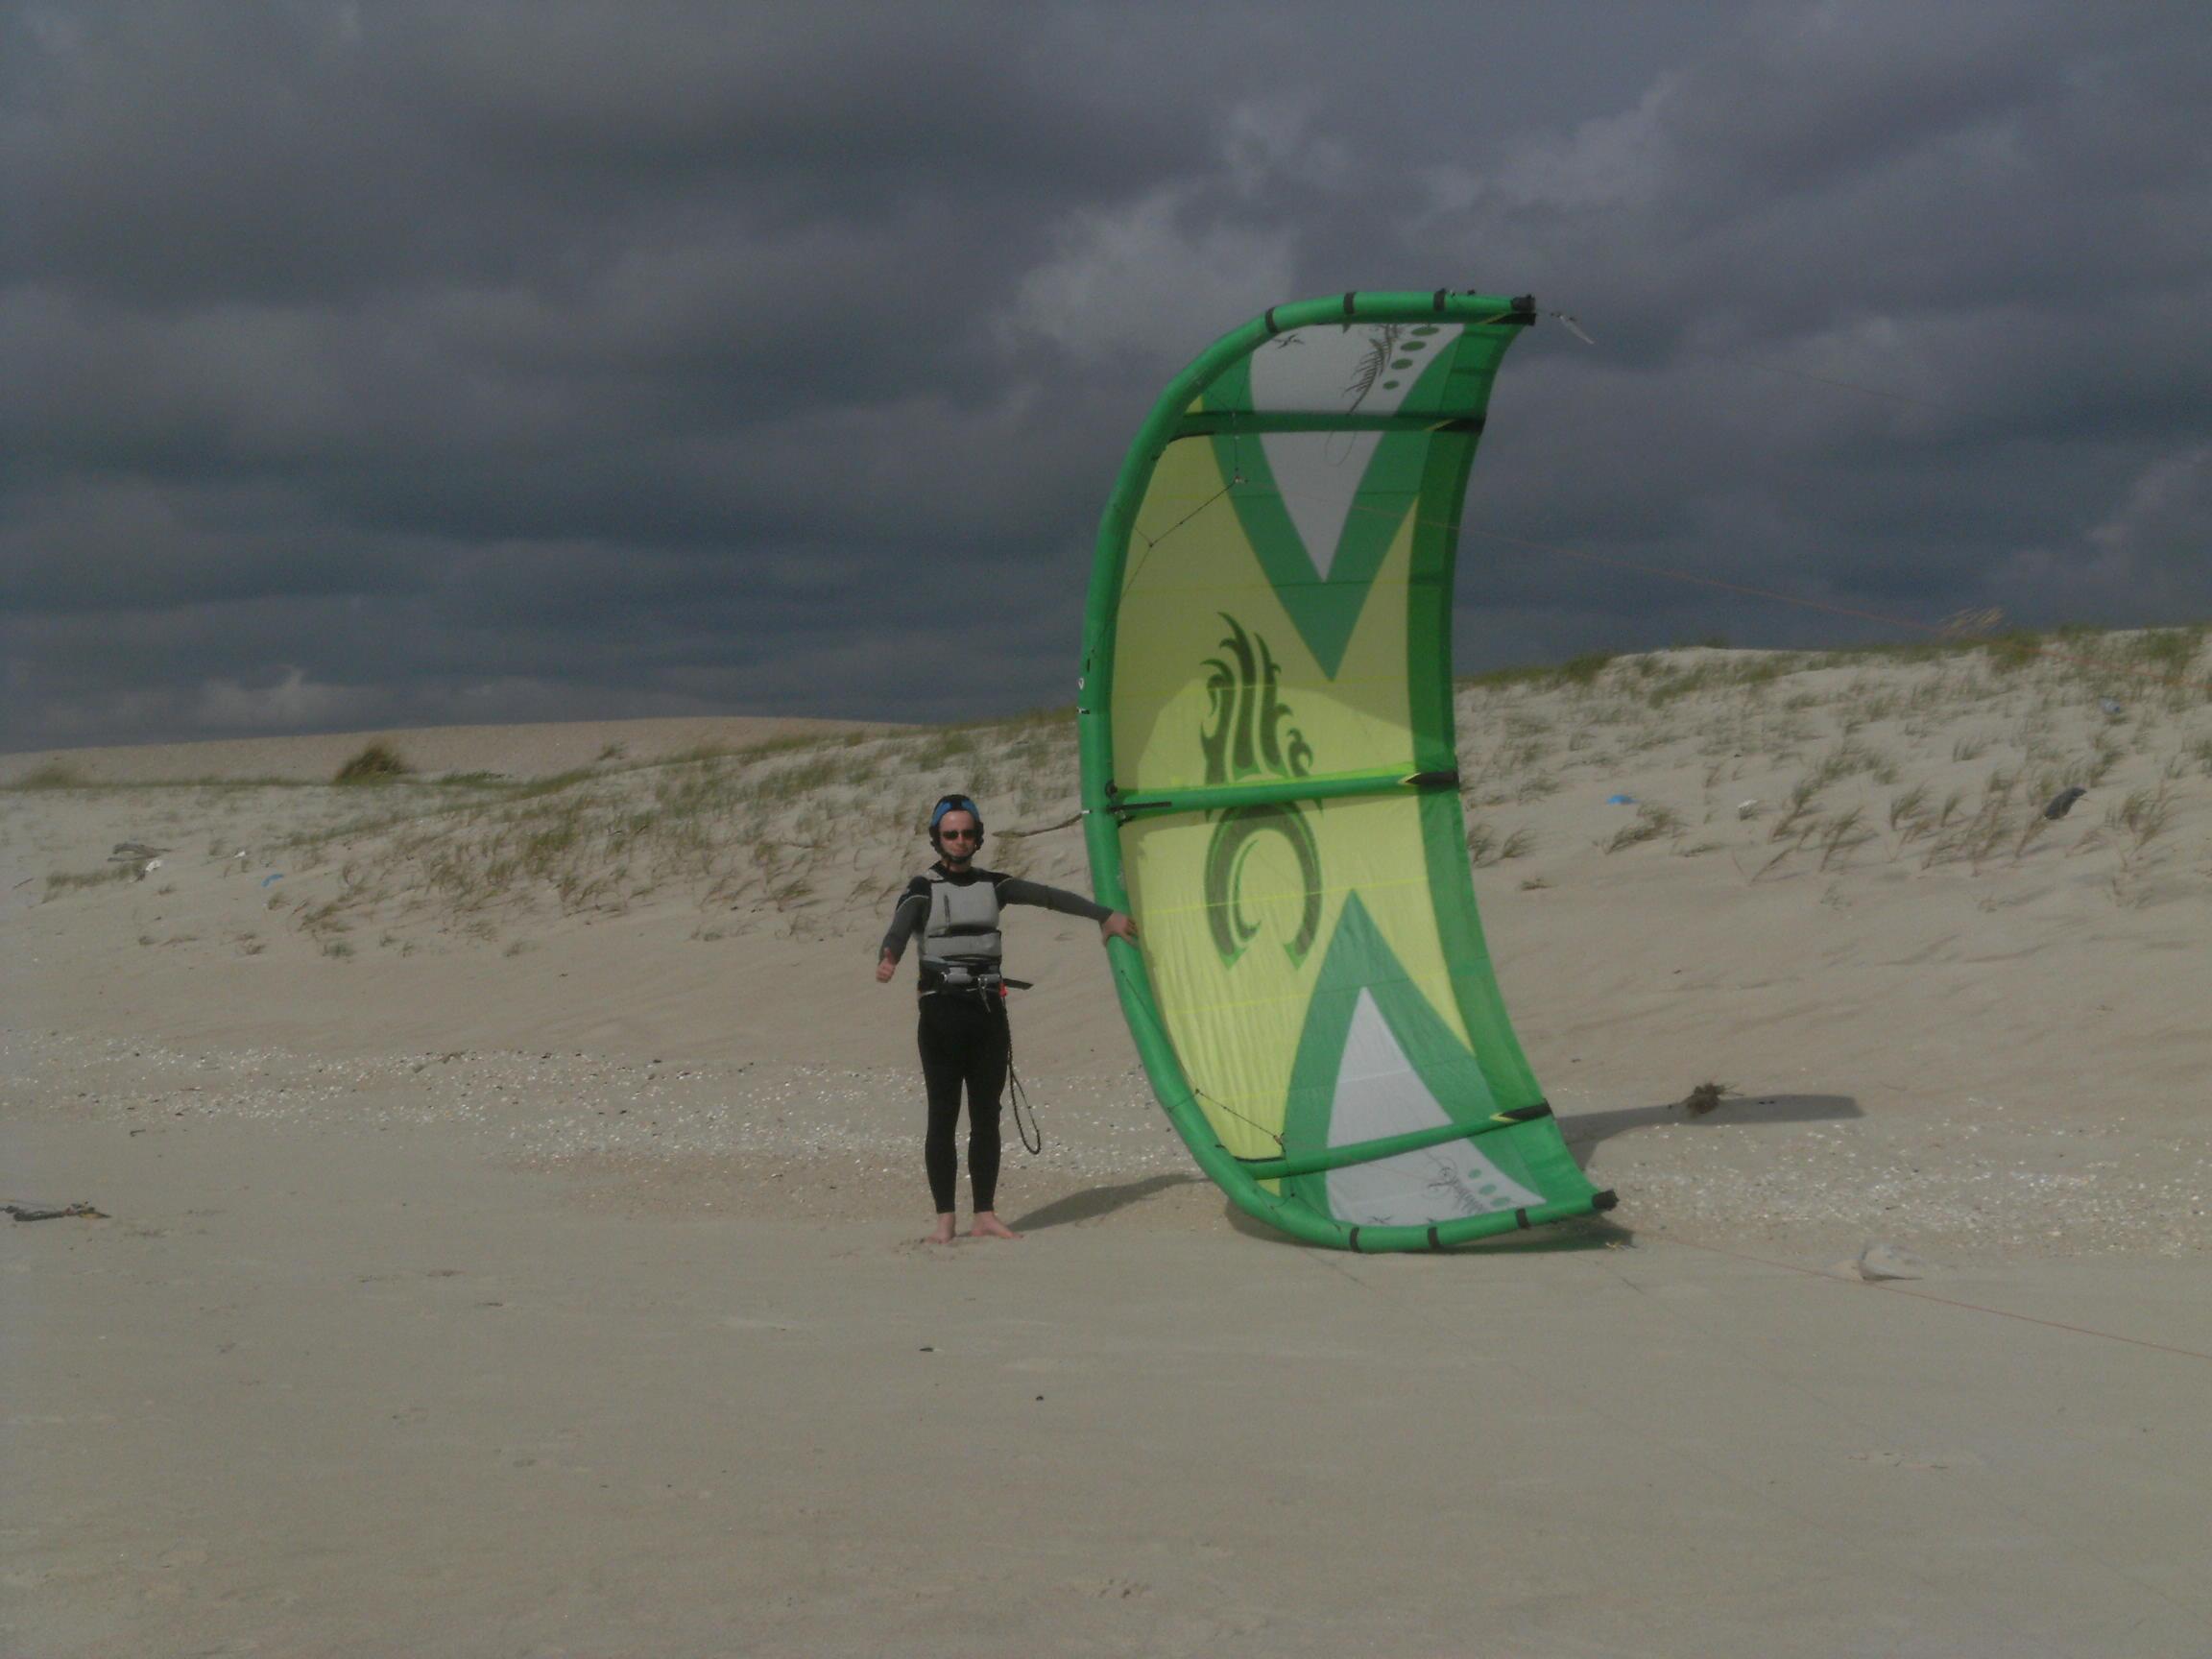 55e3de8201a29 Complete kitesurf course